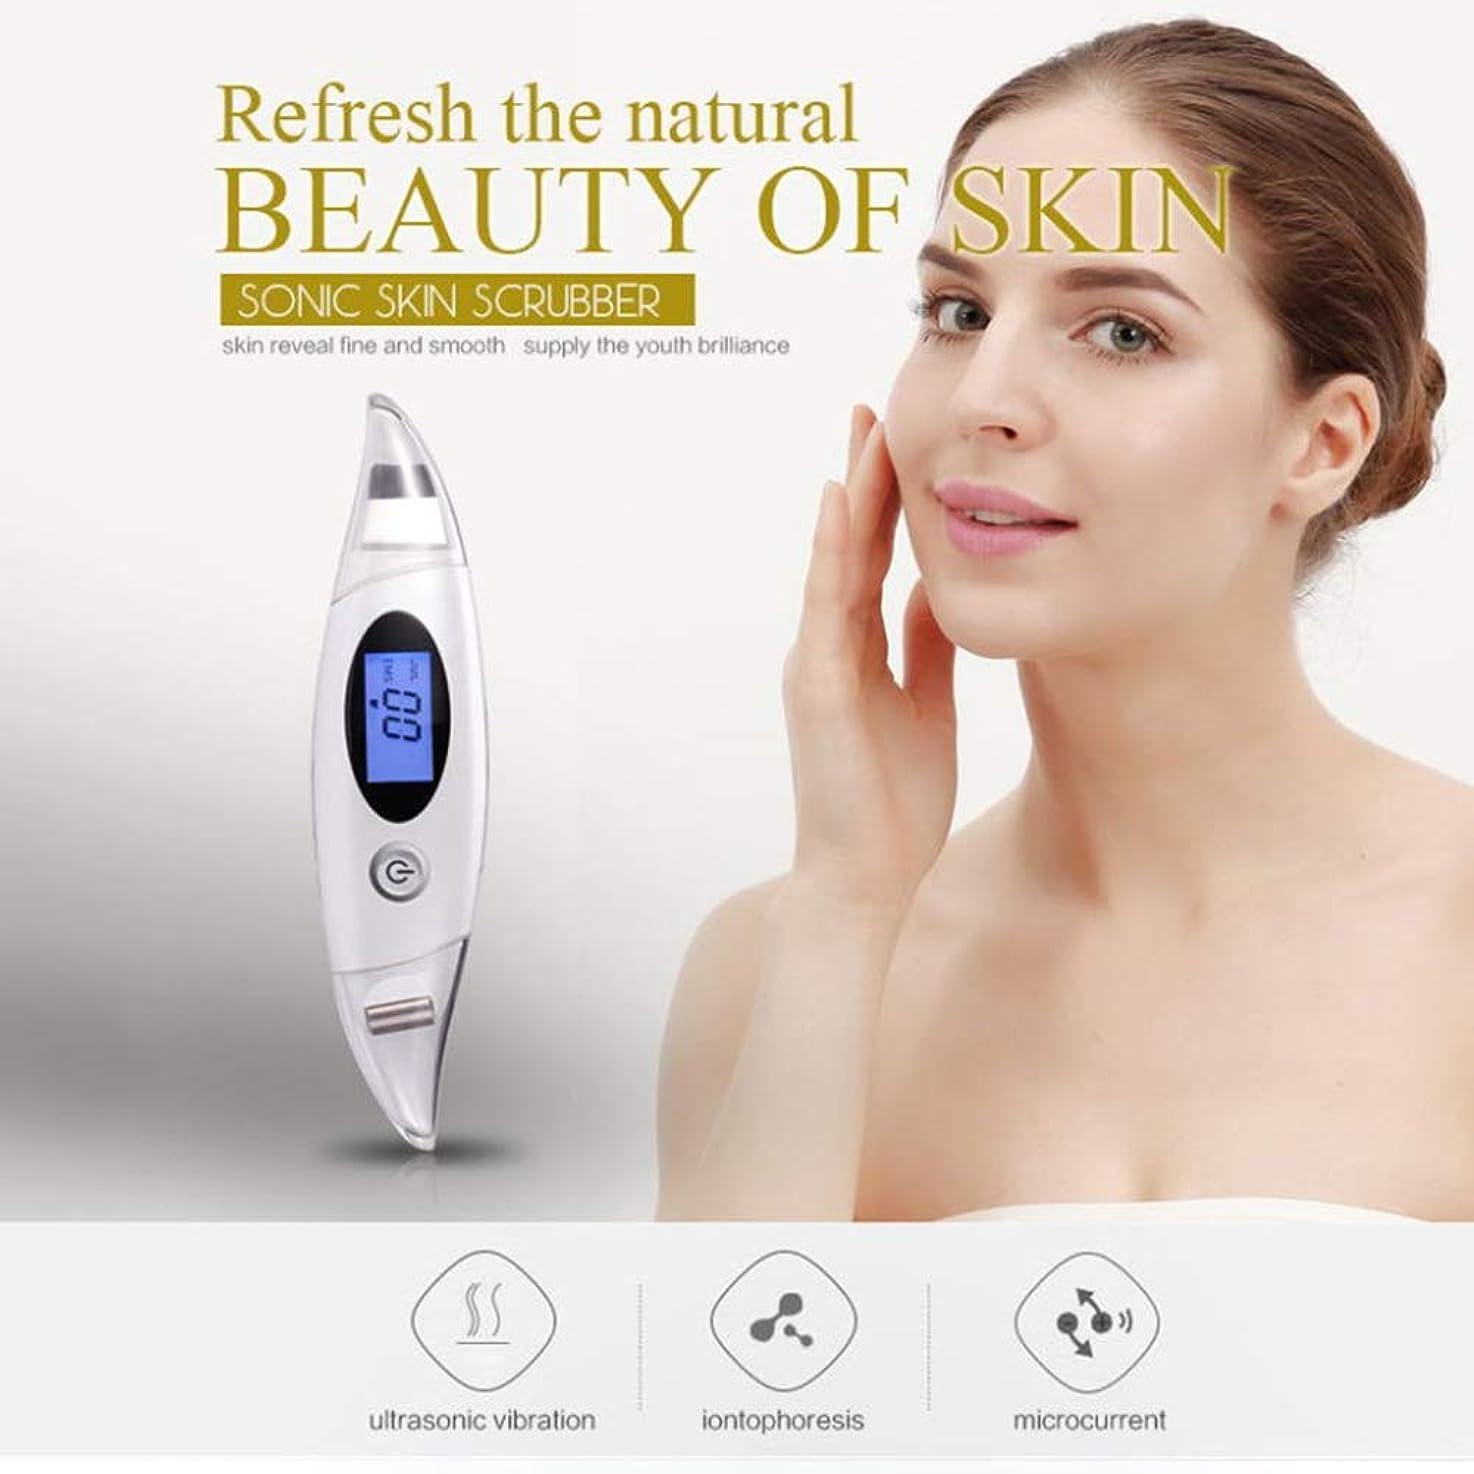 馬鹿げた観察重々しいしわ除去Rf美容デバイス、顔のクレンジング、リフティング&引き締めデバイス、ディープクレンジング振動美容ツールをきつく締めるフェイスリフティングスキン